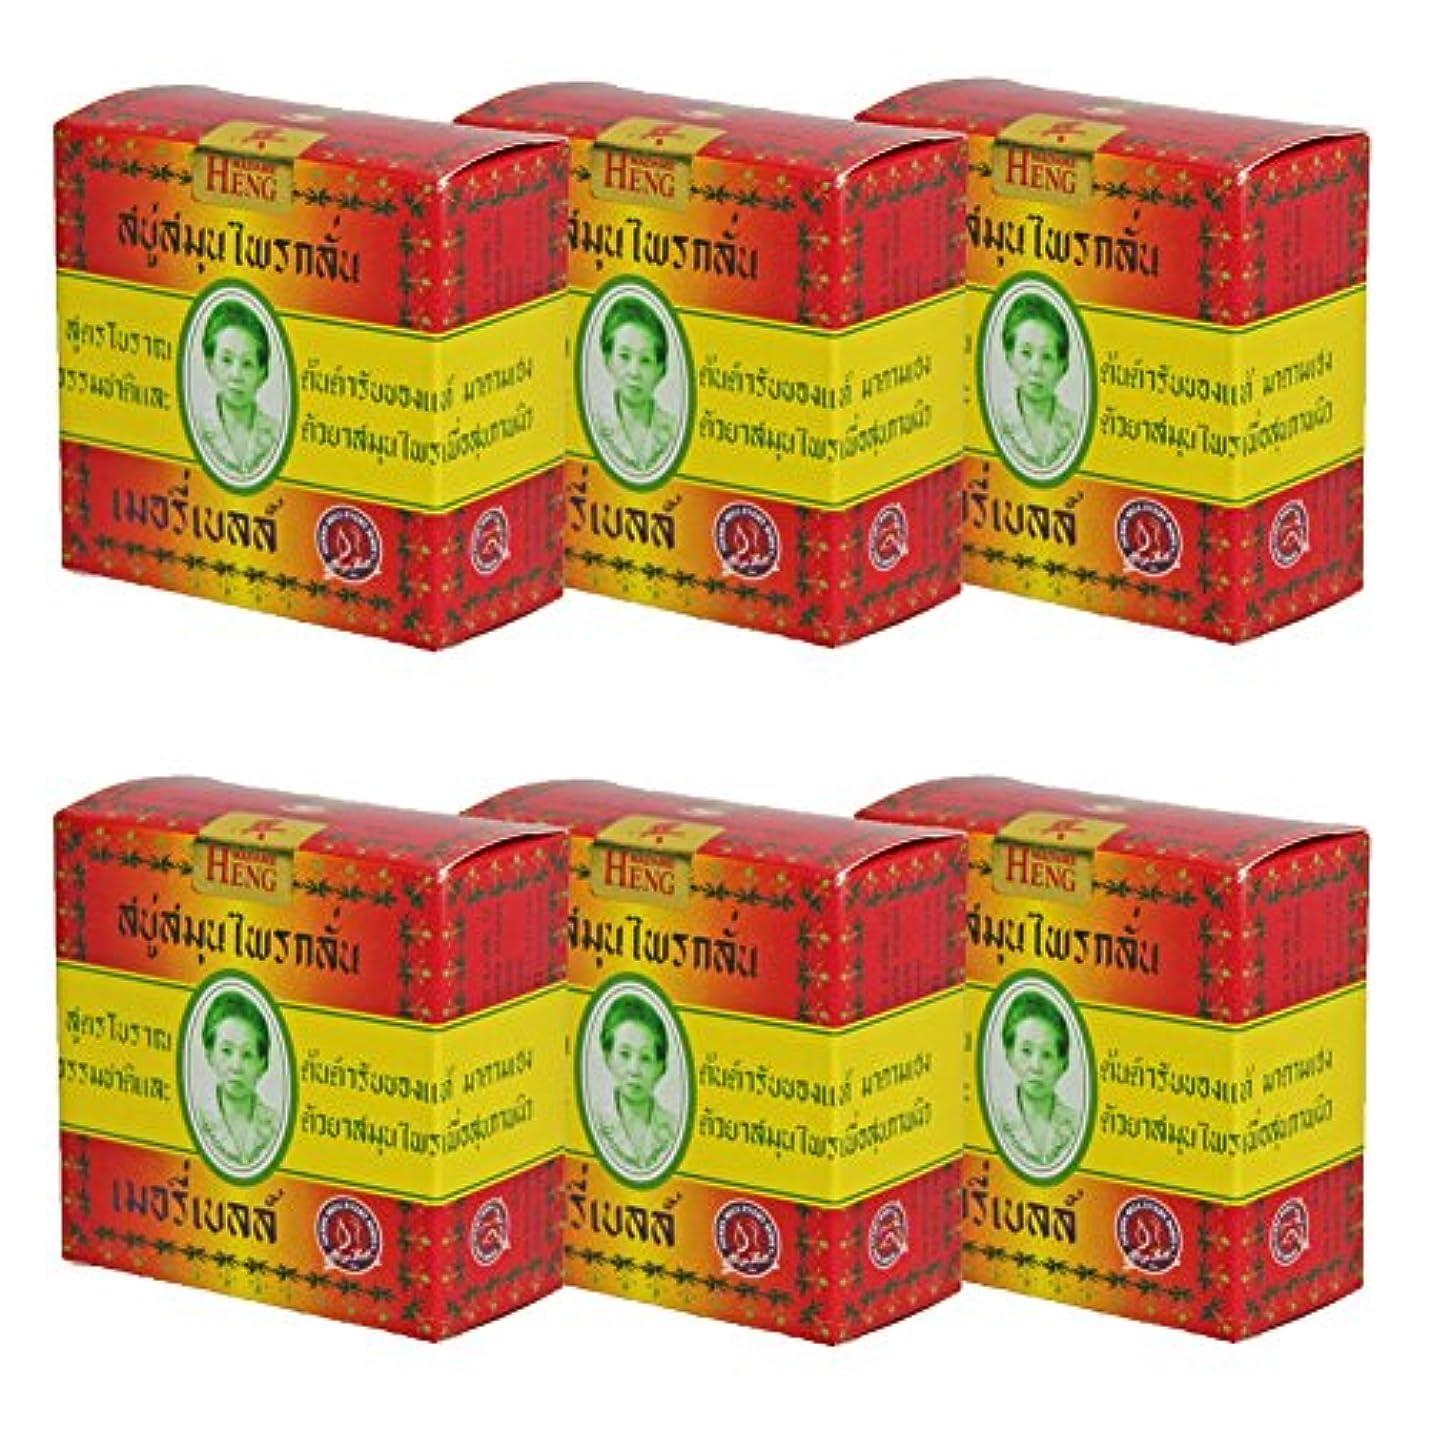 知事汚す店主(マダム?ヘン) MADAME HENG ORIGINAL HERBAL 石鹸 160g 6個セット [並行輸入品]